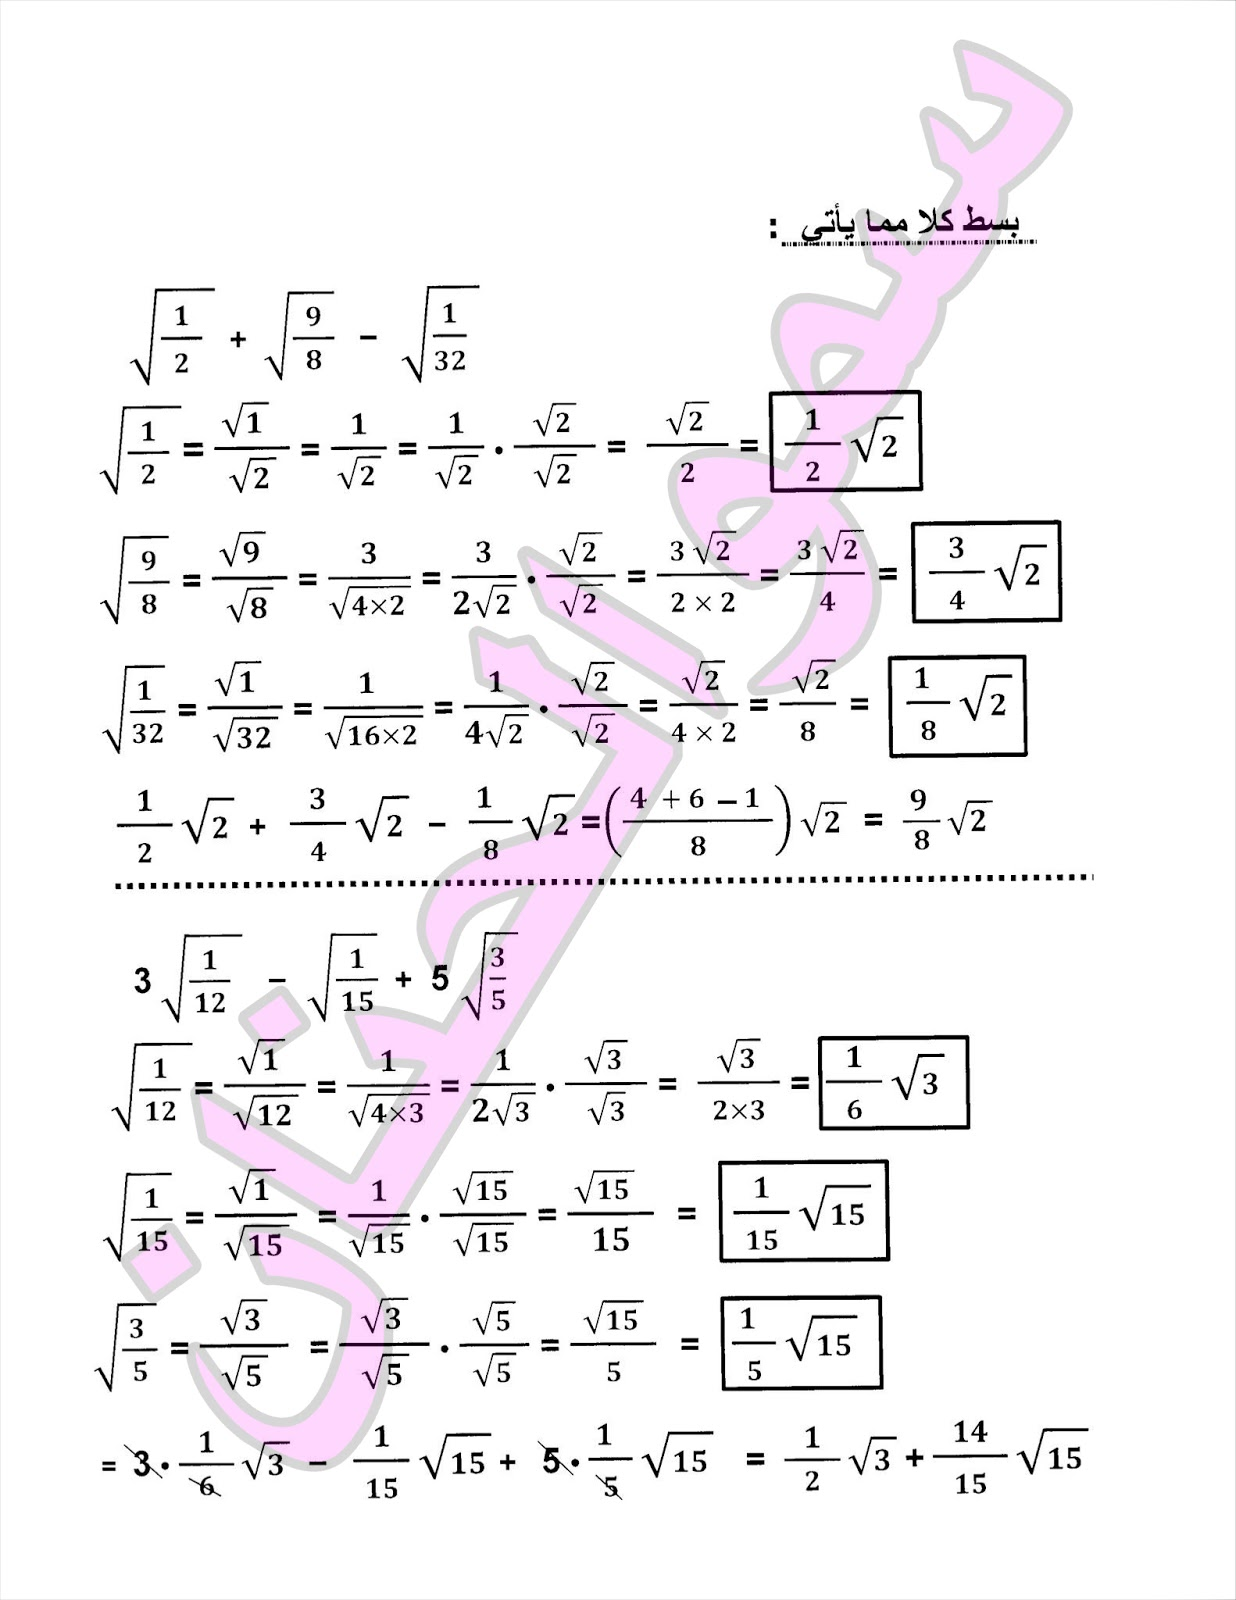 المراجعة المركزة وملخص لمادة الرياضيات للصف الثالث المتوسط 2017   الجزء 1 7710